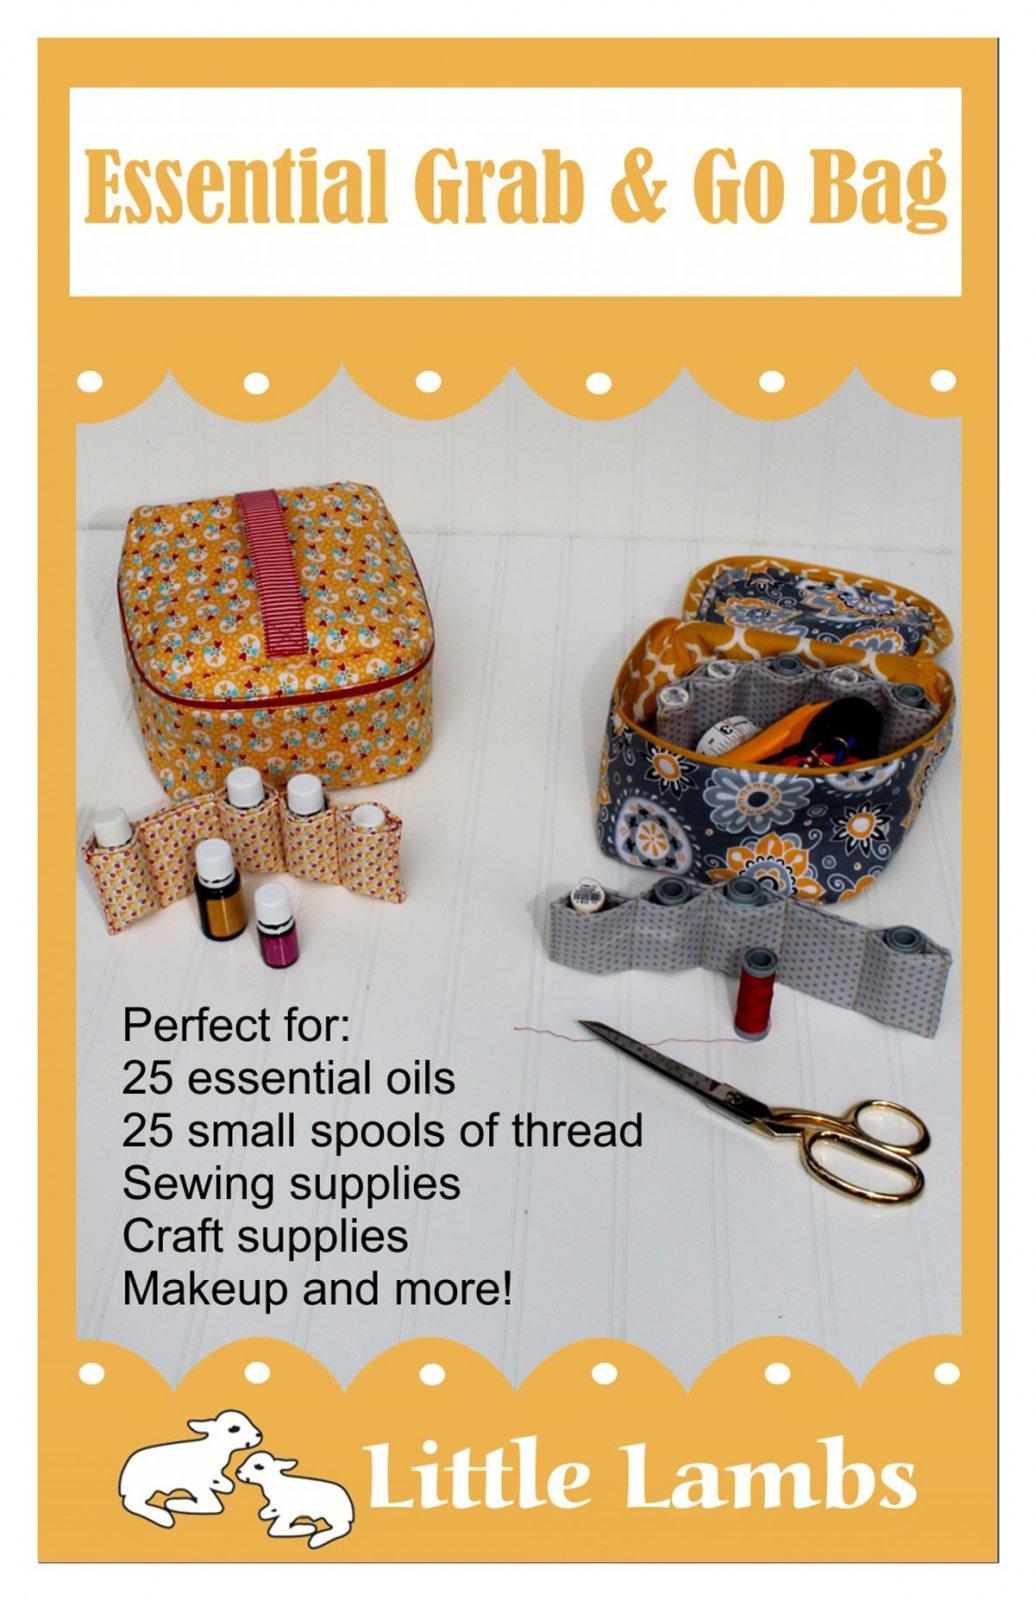 Essential Grab & Go Bag